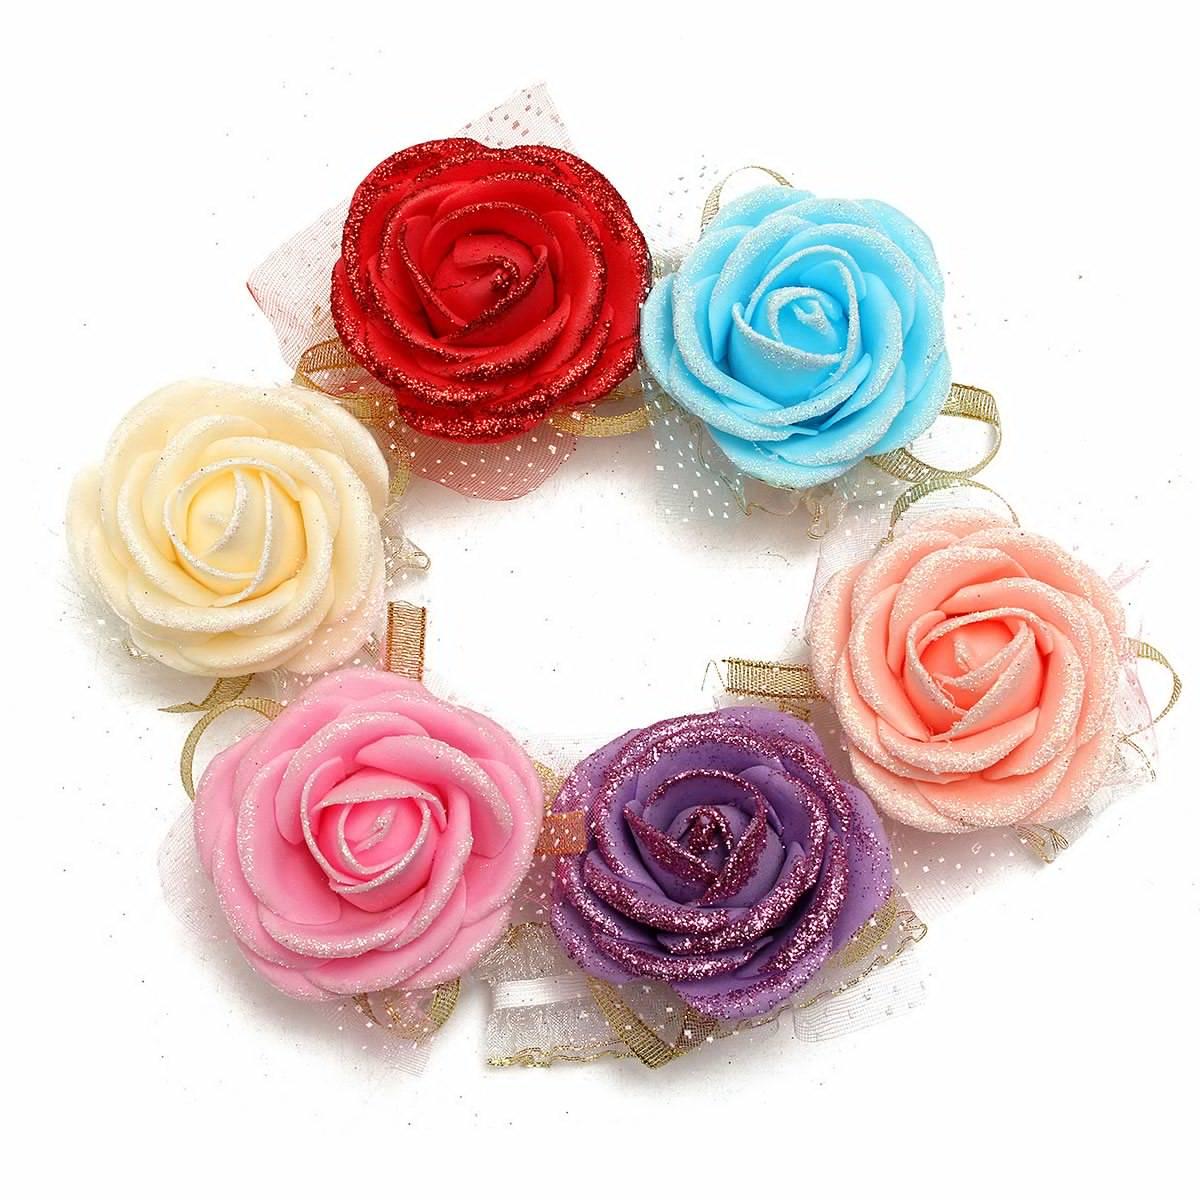 ช่อดอกไม้ผูกข้อมือน่ารักๆ ผูกข้อมือเพื่อนเจ้าสาว, งานปัจฉิม ,ปาร์ตี้ เข้าธีมงาน สั่งทำได้ทุกโทนสีนะคะ งานคุณภาพ ราคาถูกมากก 20 บ. ถูกมากก 🎈🎀🎁🎈🎀🎁🎈🎀🎁🎈🎀